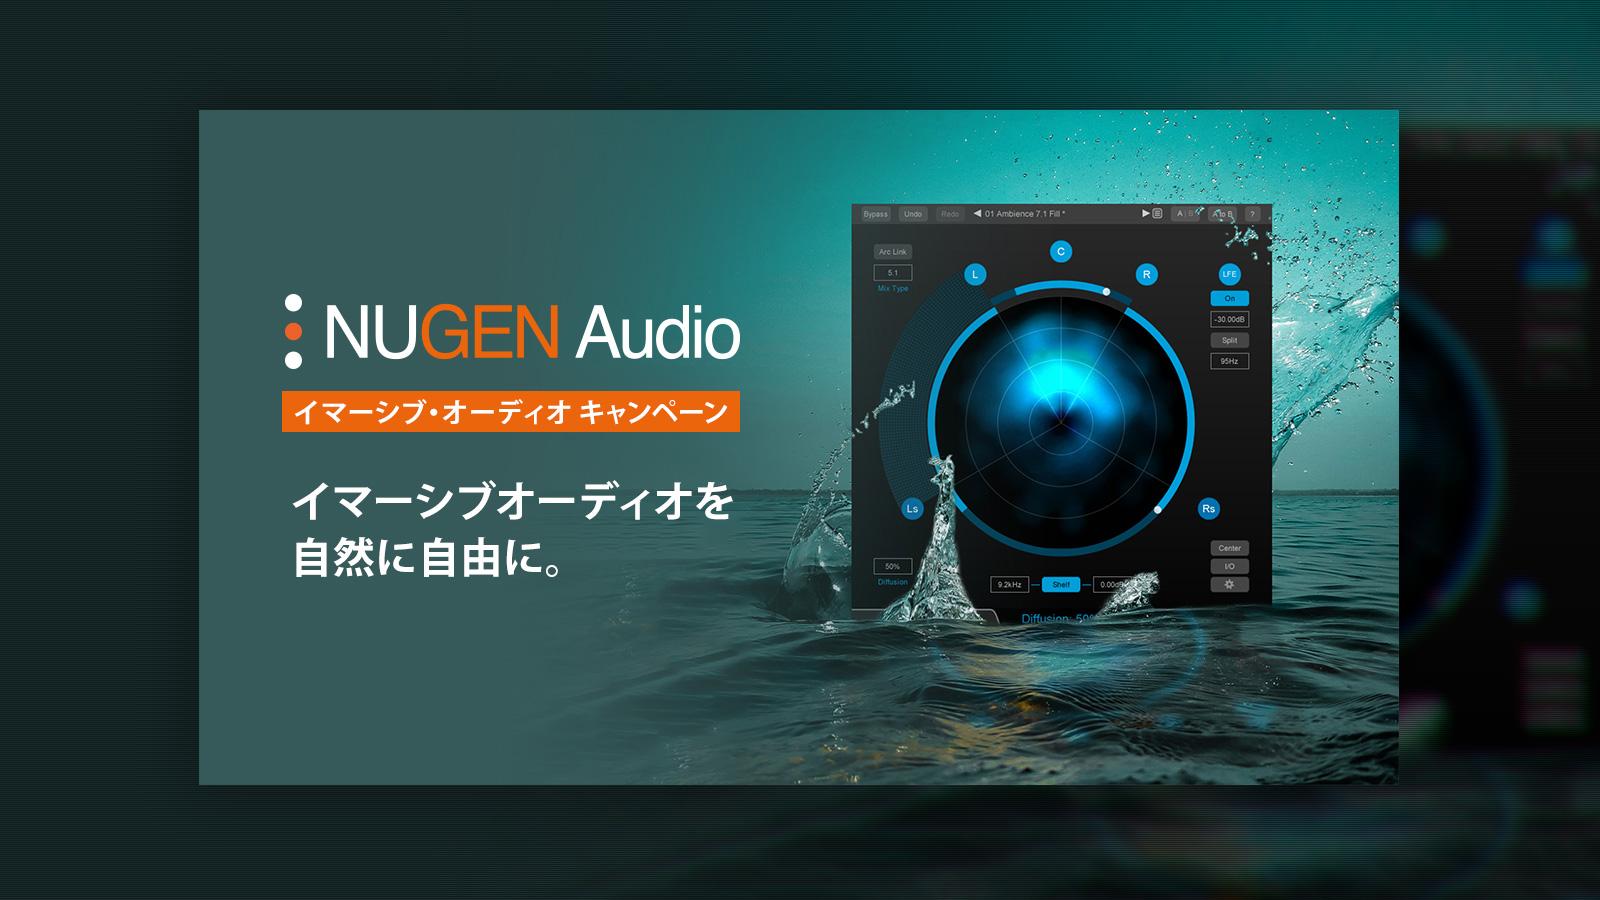 イマーシブオーディオを自然に自由に Nugen Audio イマーシブ・オーディオ・キャンペーン